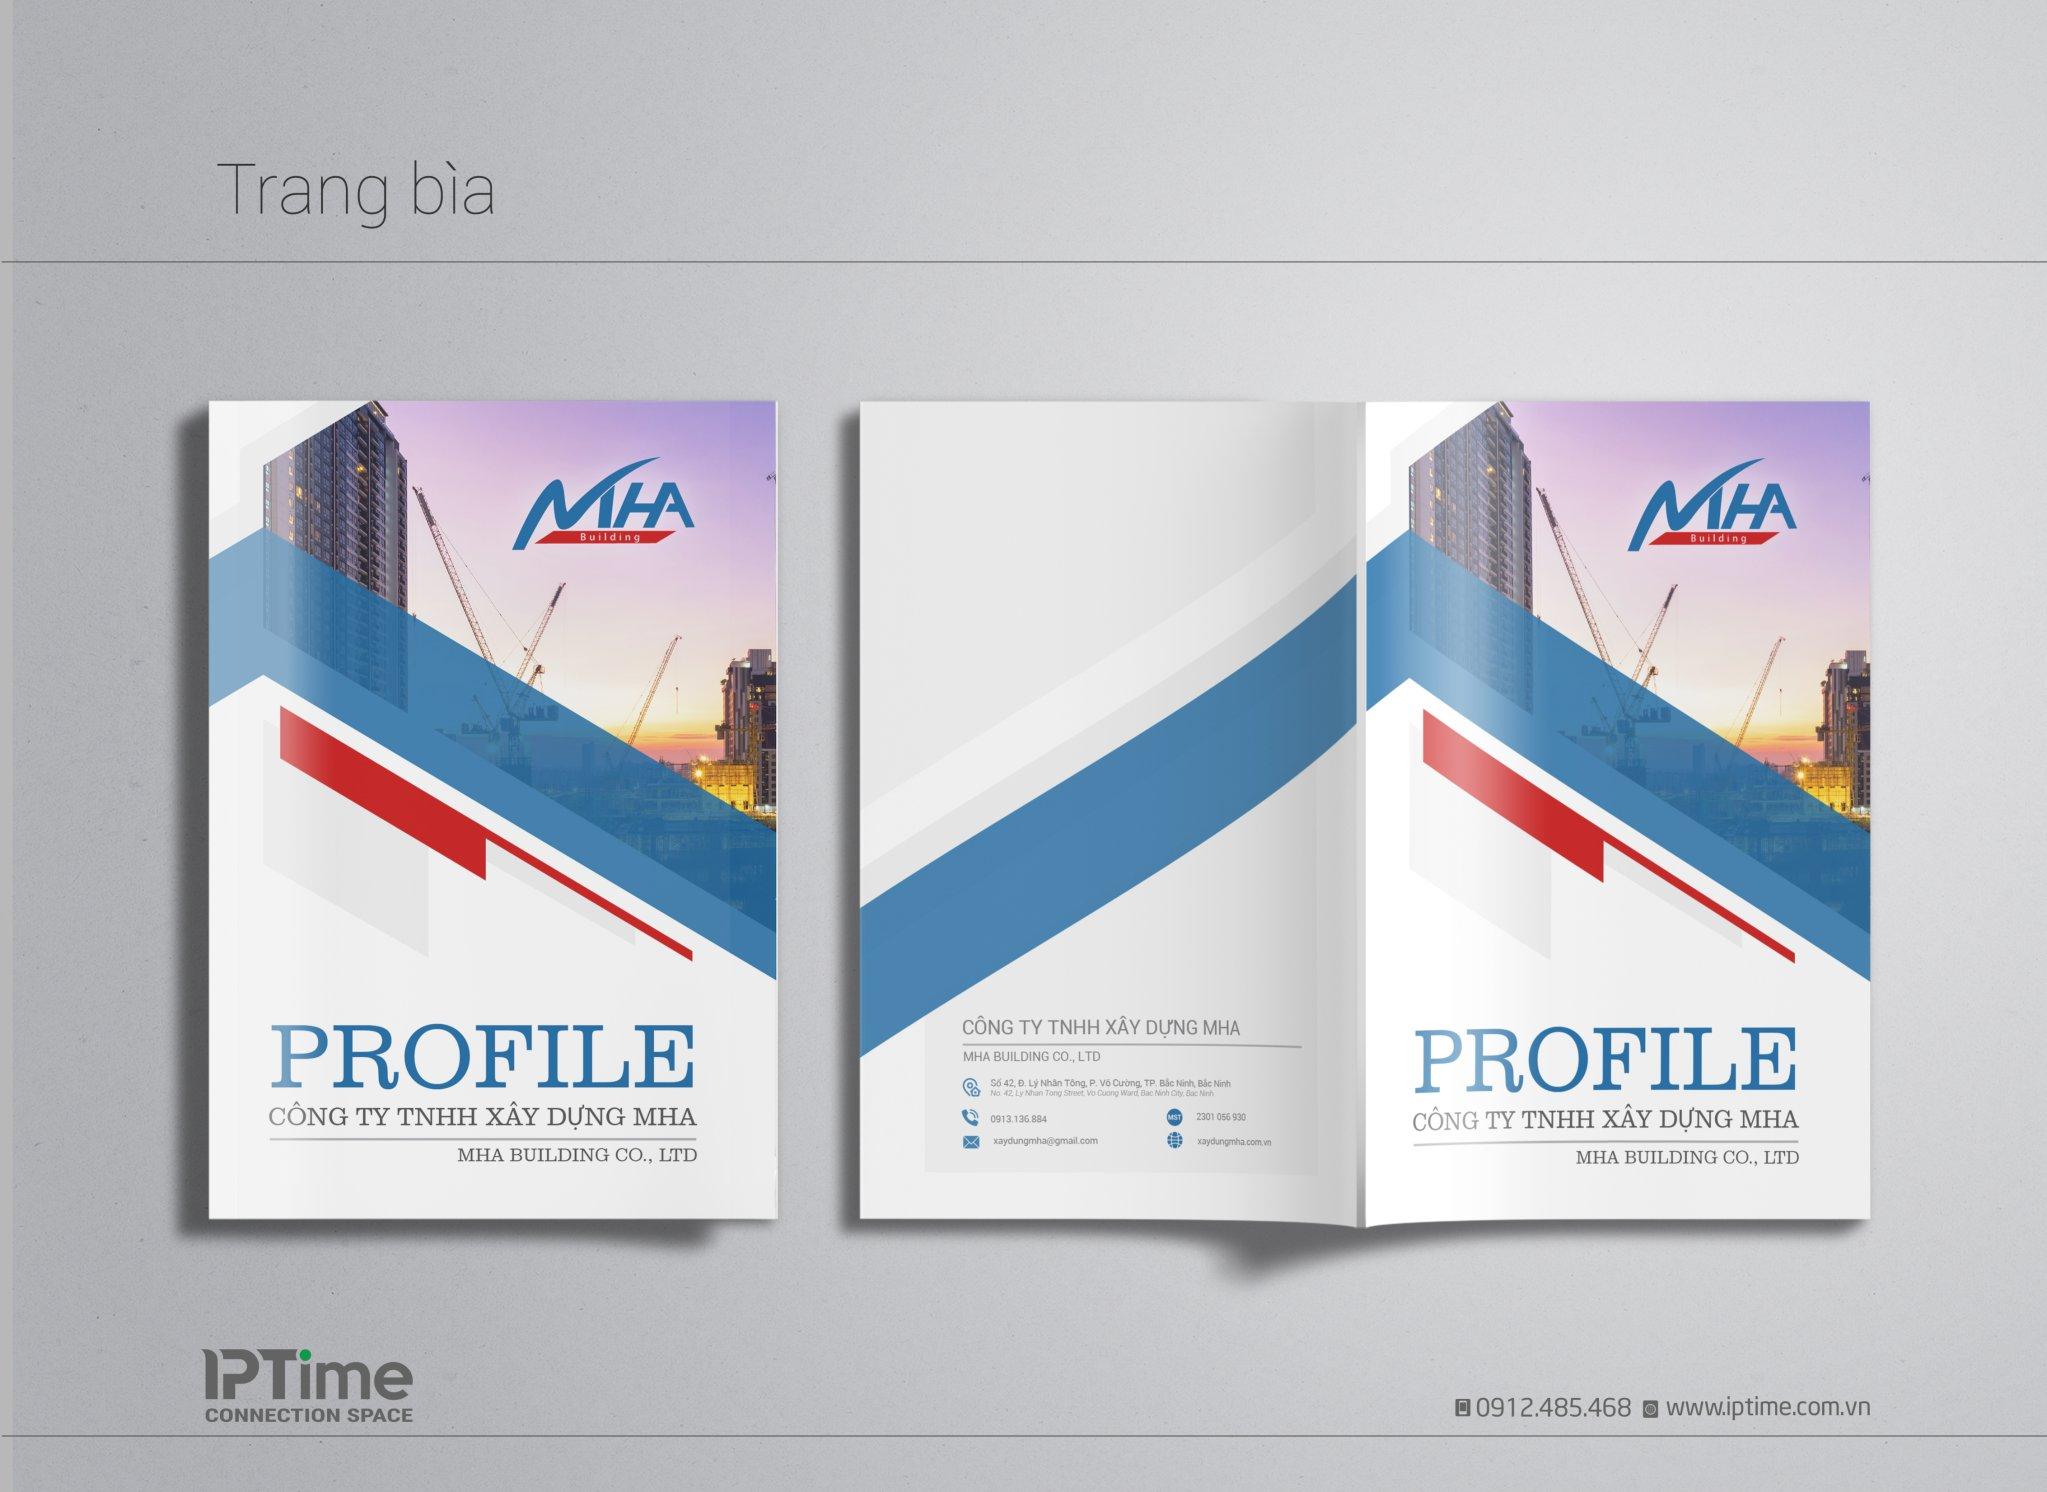 thiết kế profile bắc giang chuyên nghiệp